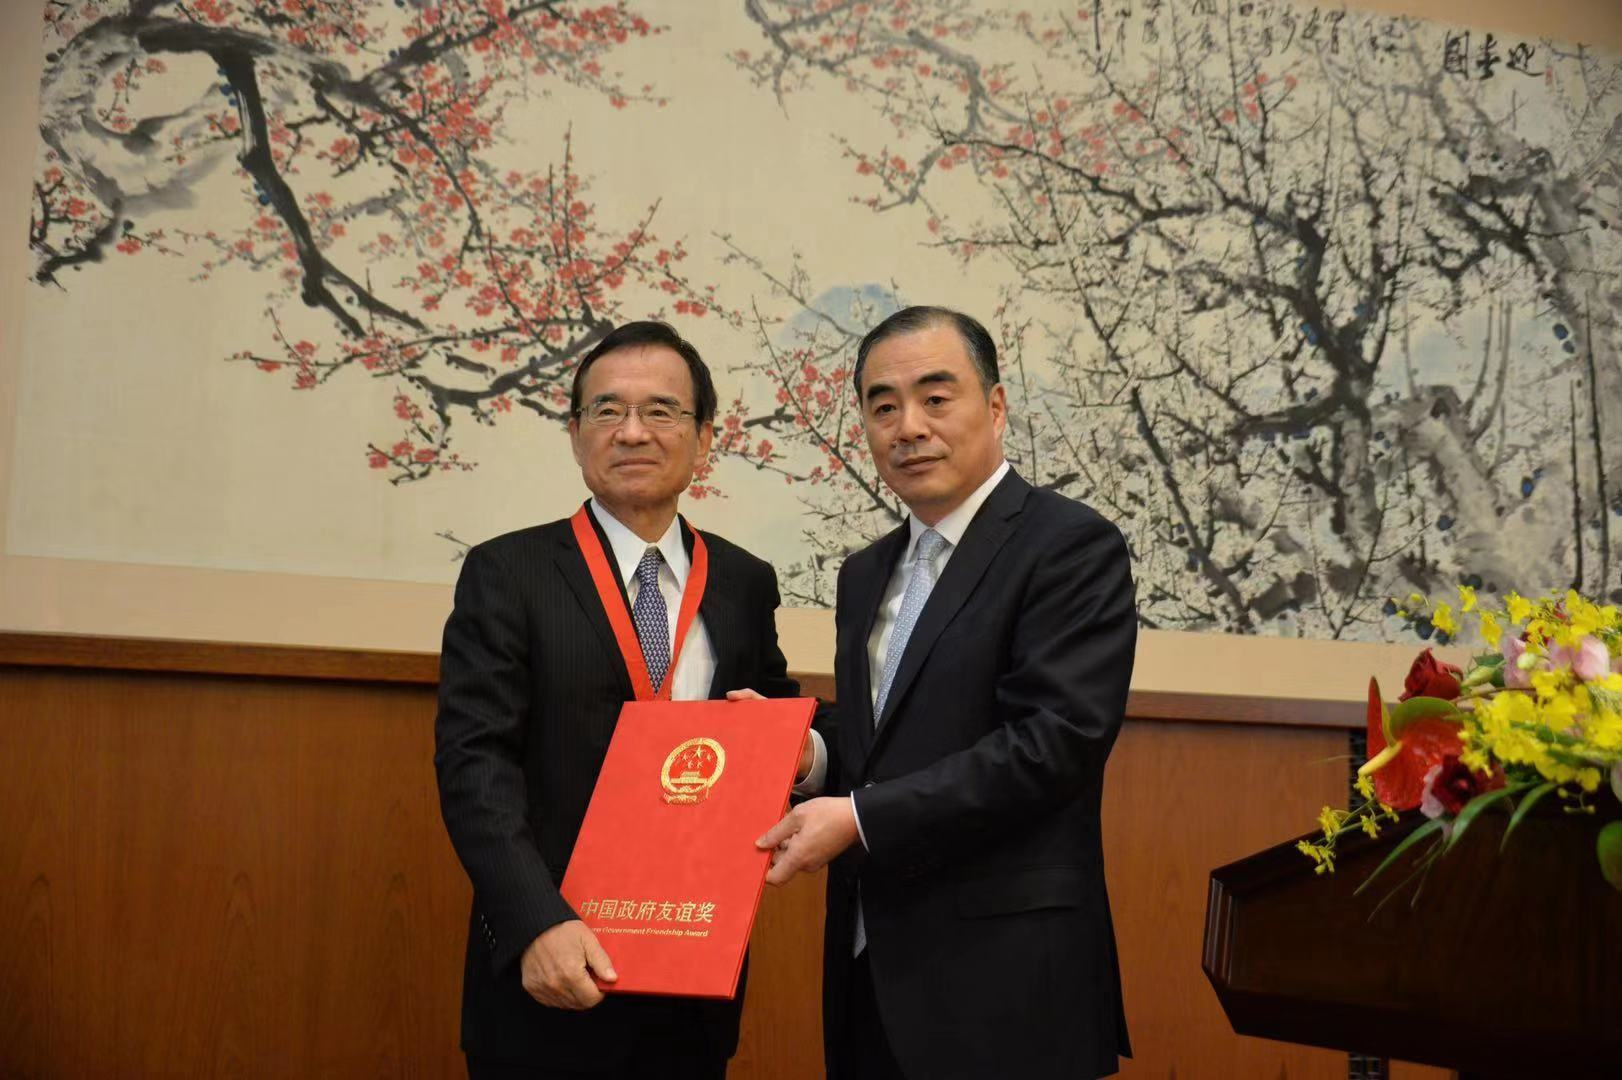 我驻日使馆举行中国政府友谊奖获奖者祝贺会,日本专家感叹中国发展速度太快了